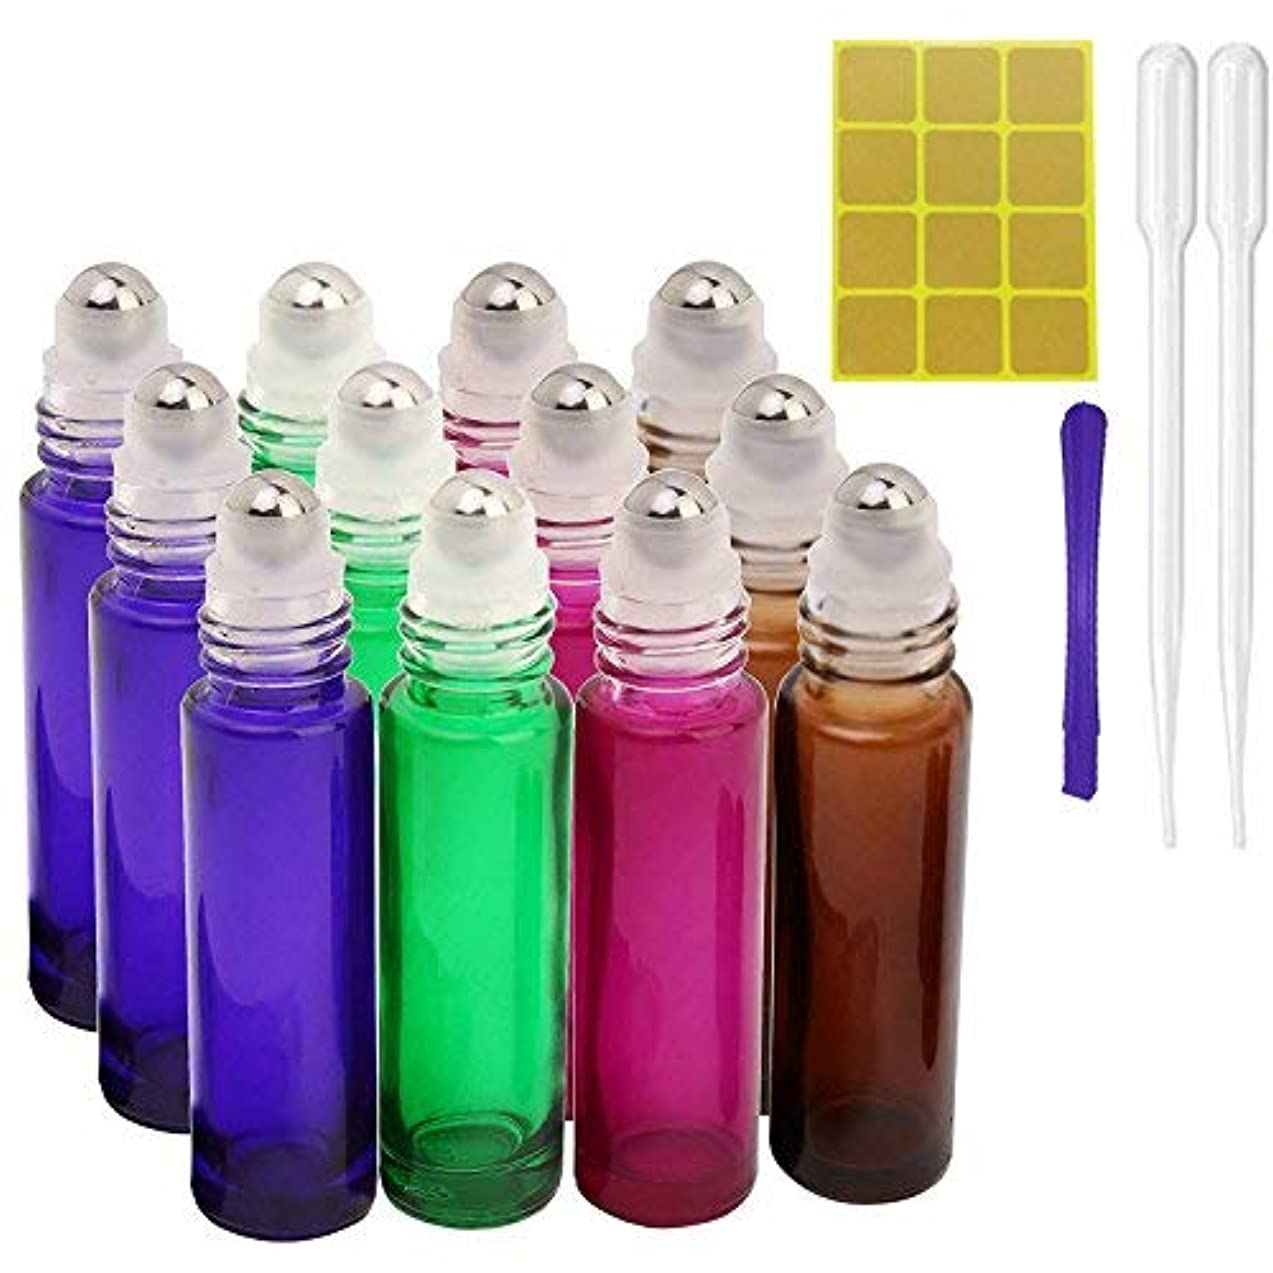 英語の授業がありますリングバック専門用語12, 10ml Roller Bottles for Essential Oils - Glass Refillable Roller on Bottles with 1 Opener, 2 Droppers, 24...